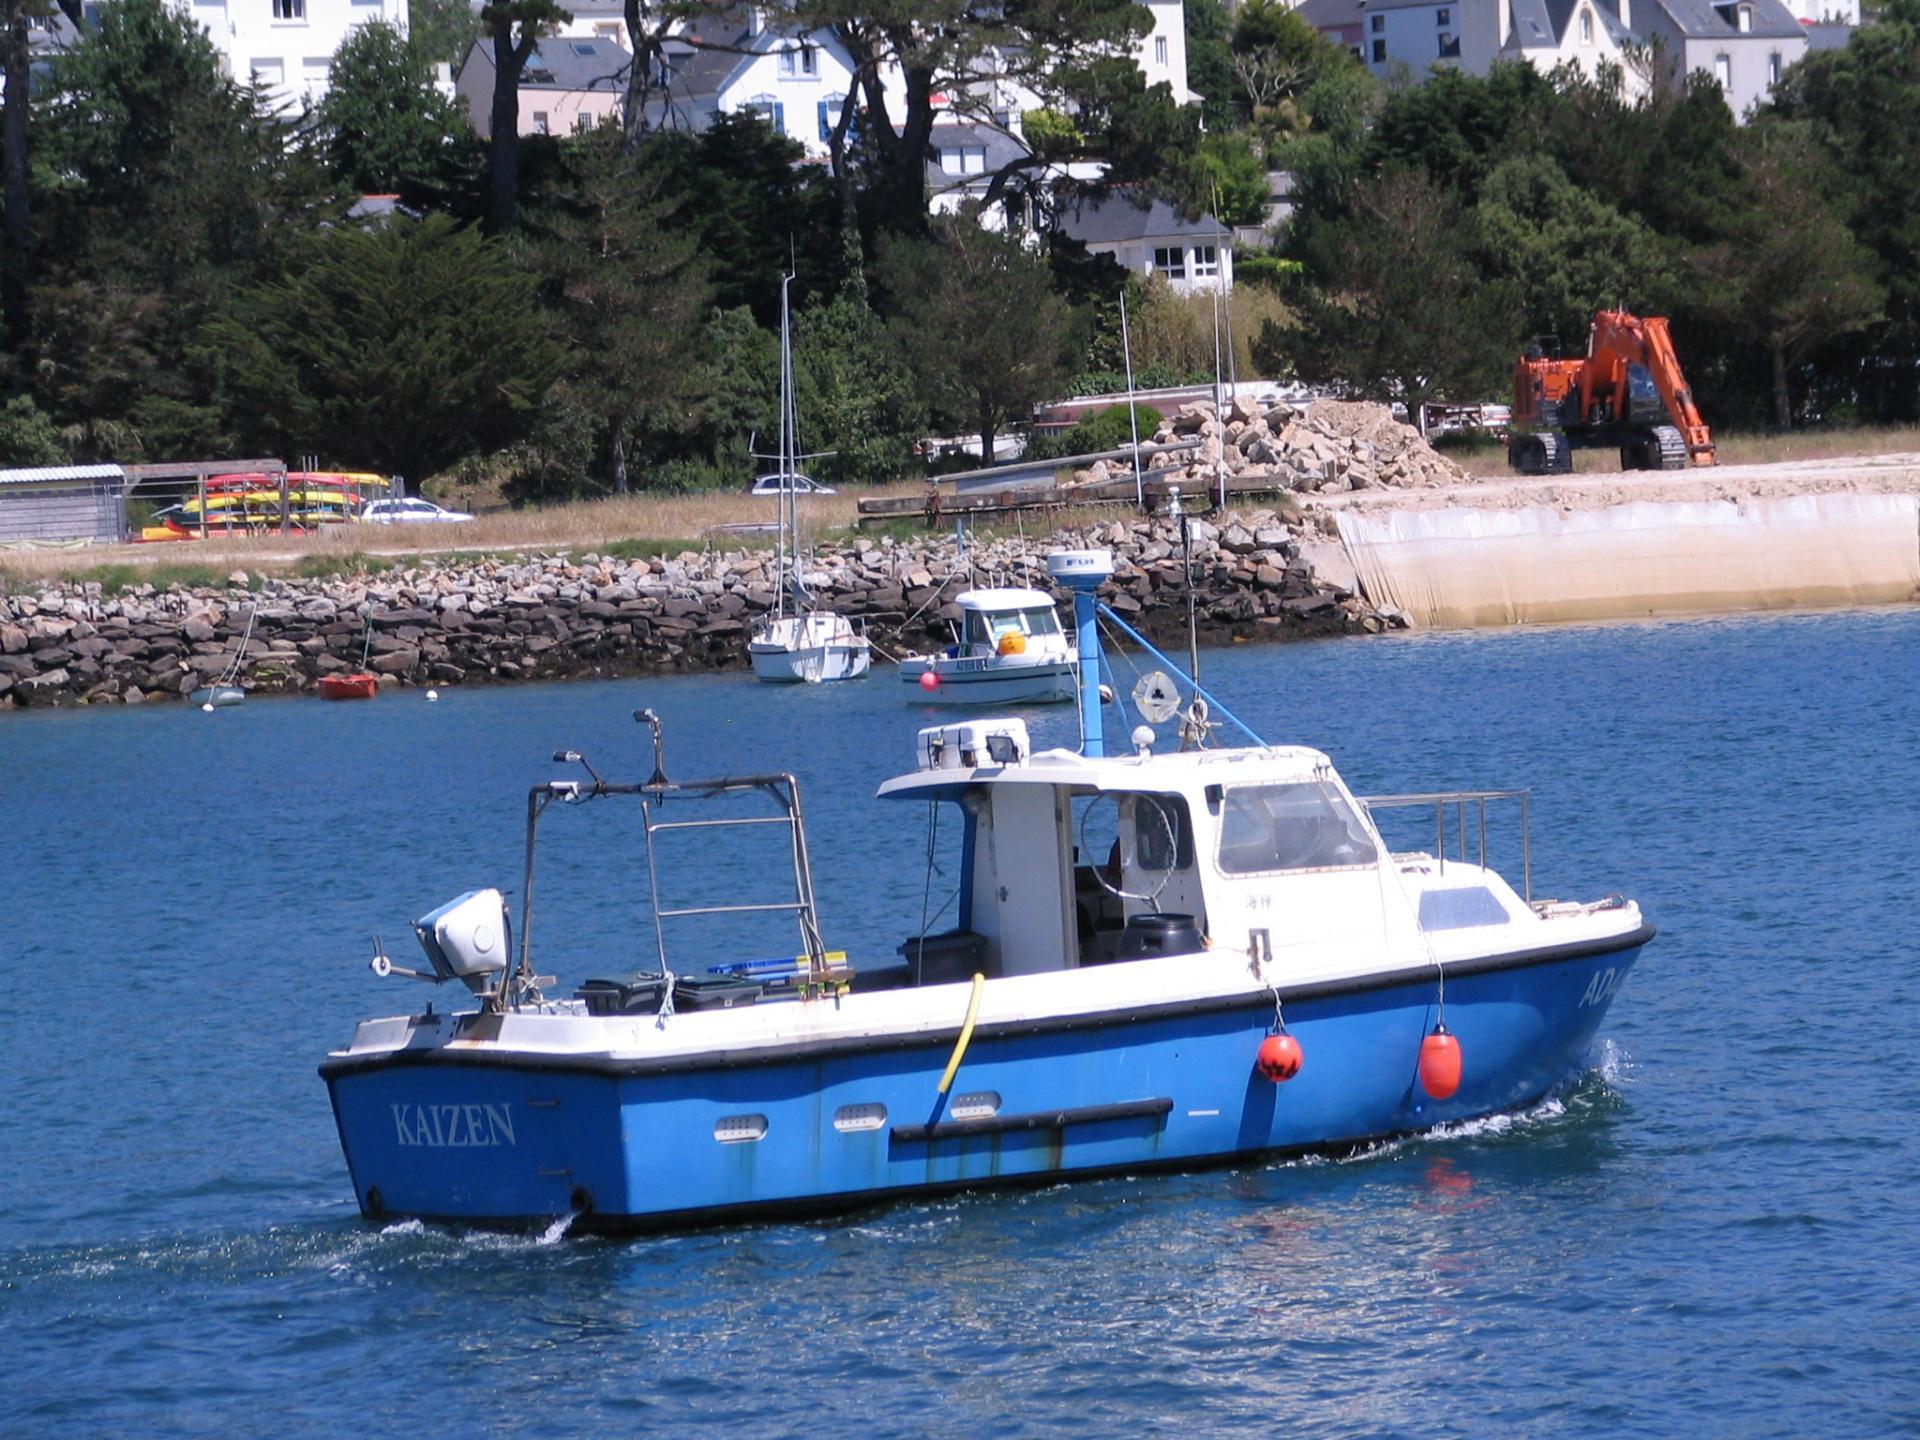 200531 kaizen port